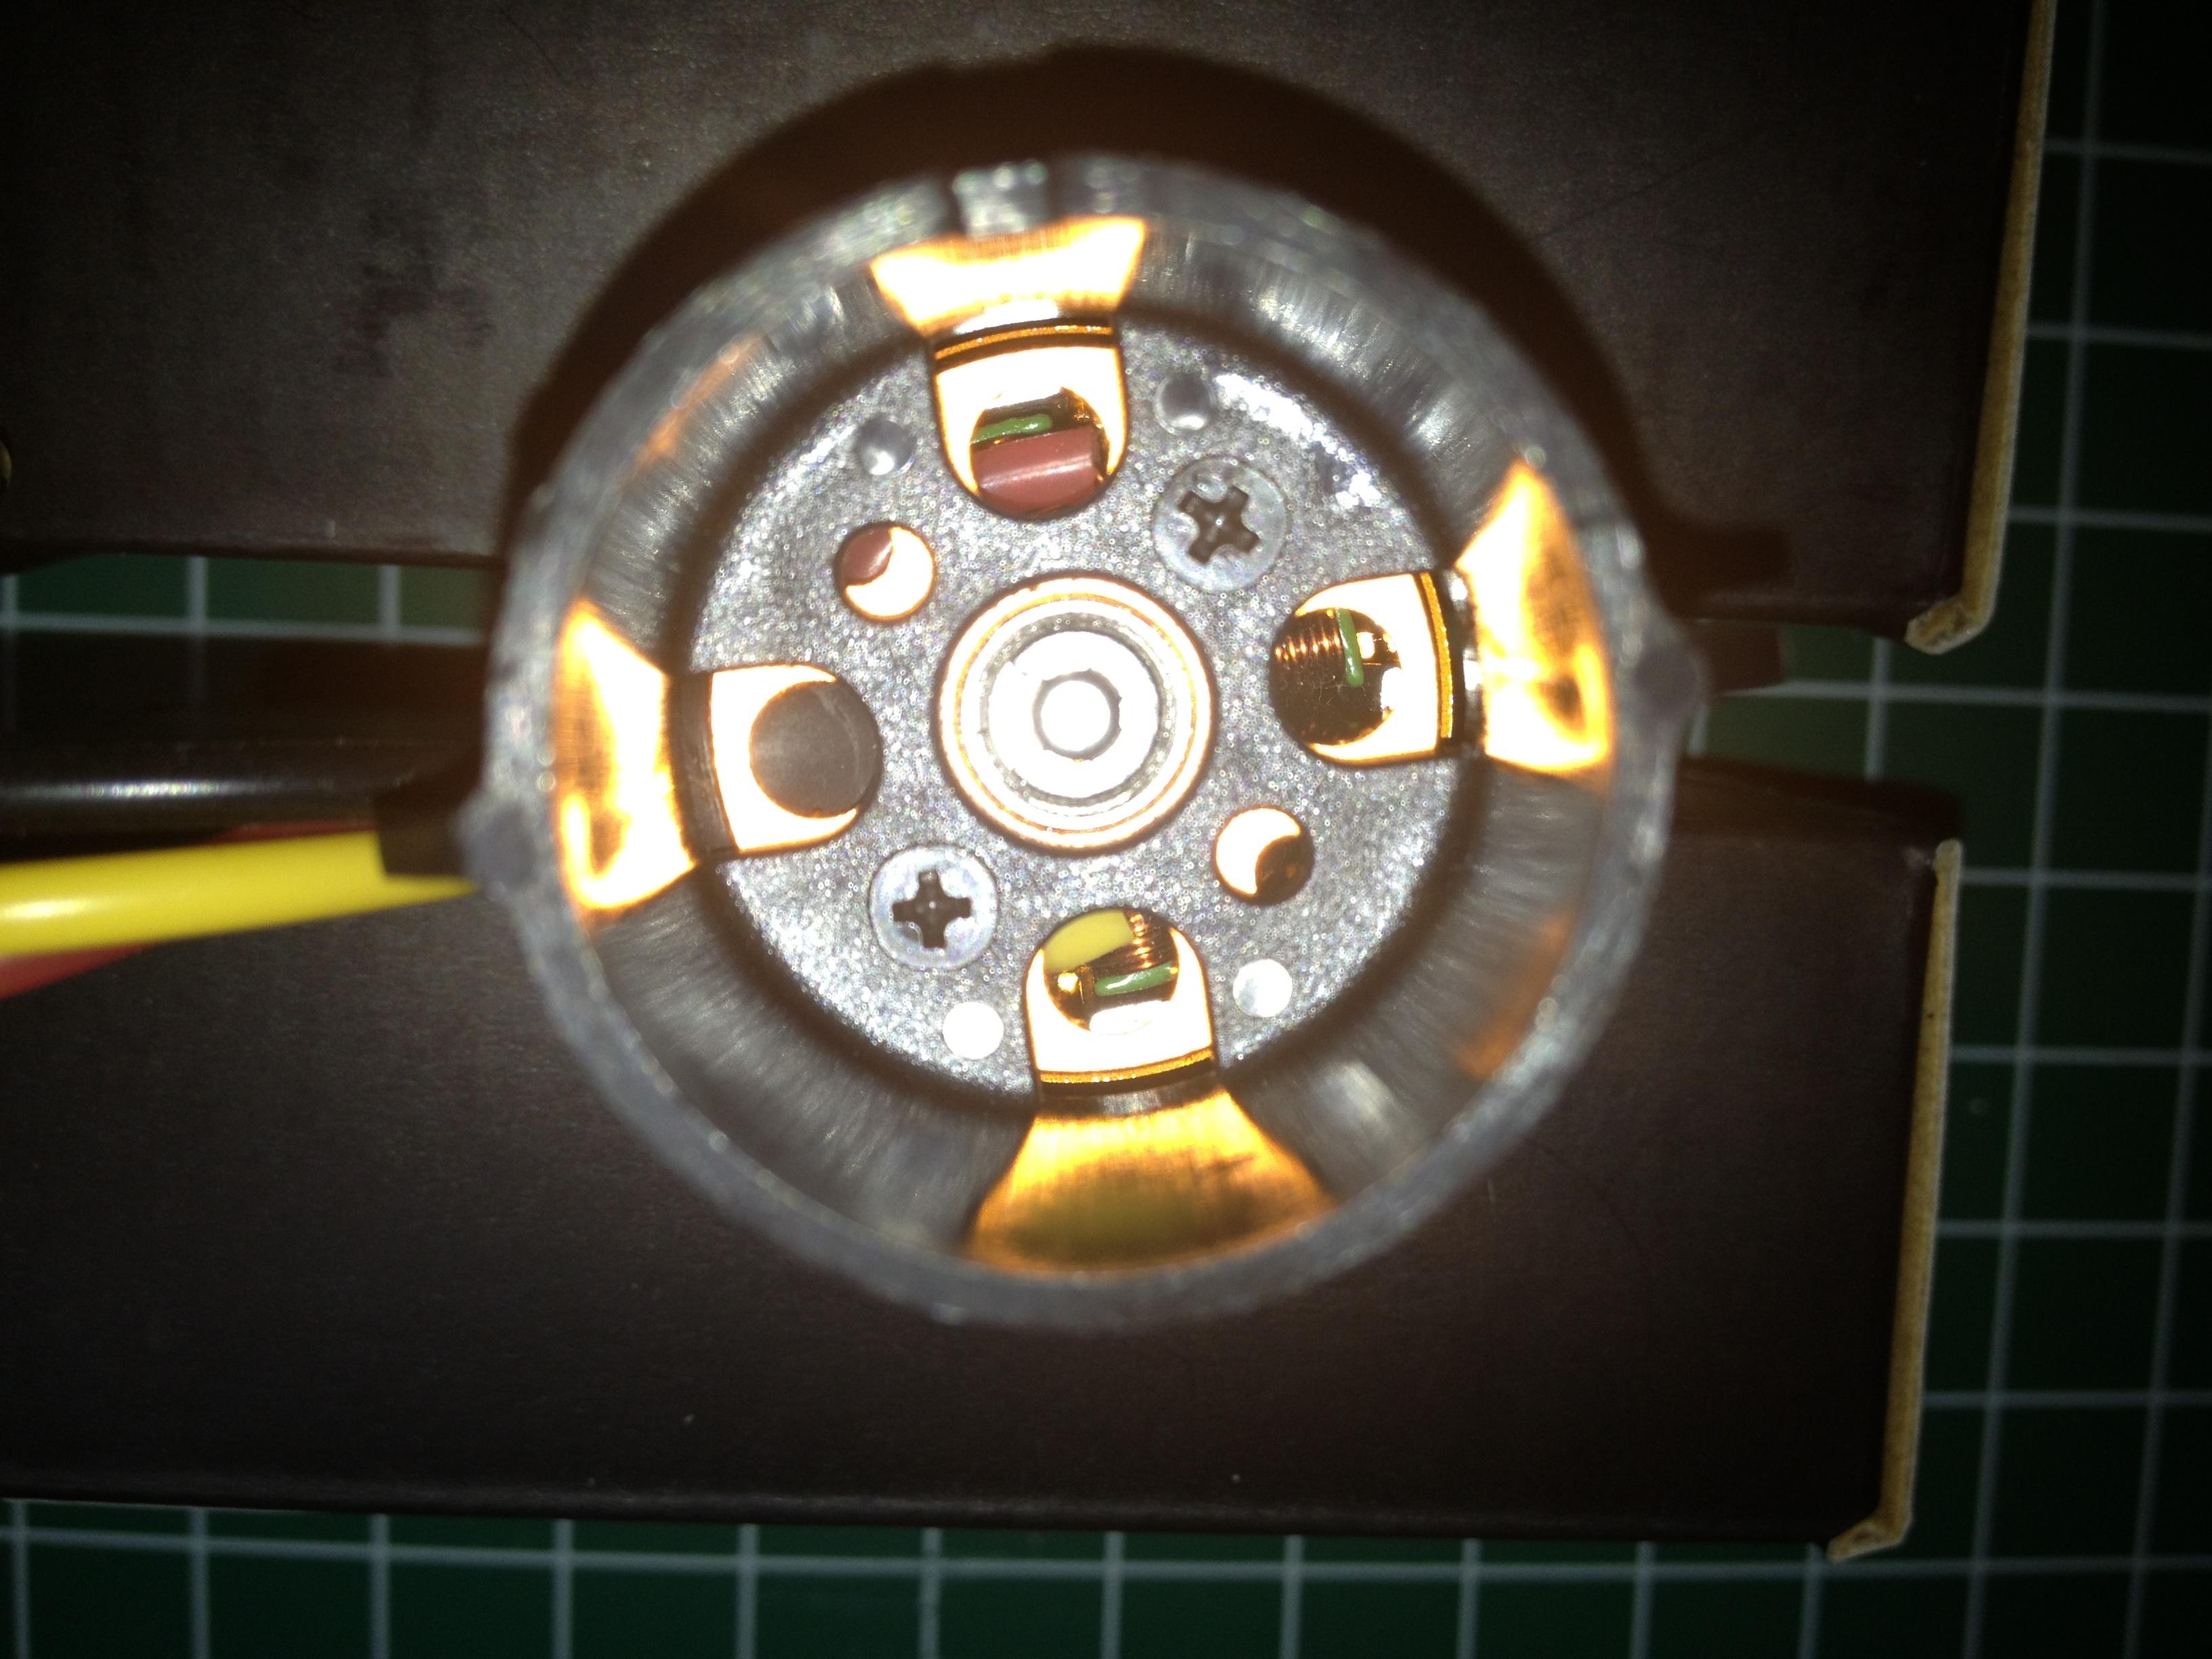 Turnigy D2826-10 1400kv Brushless Motor